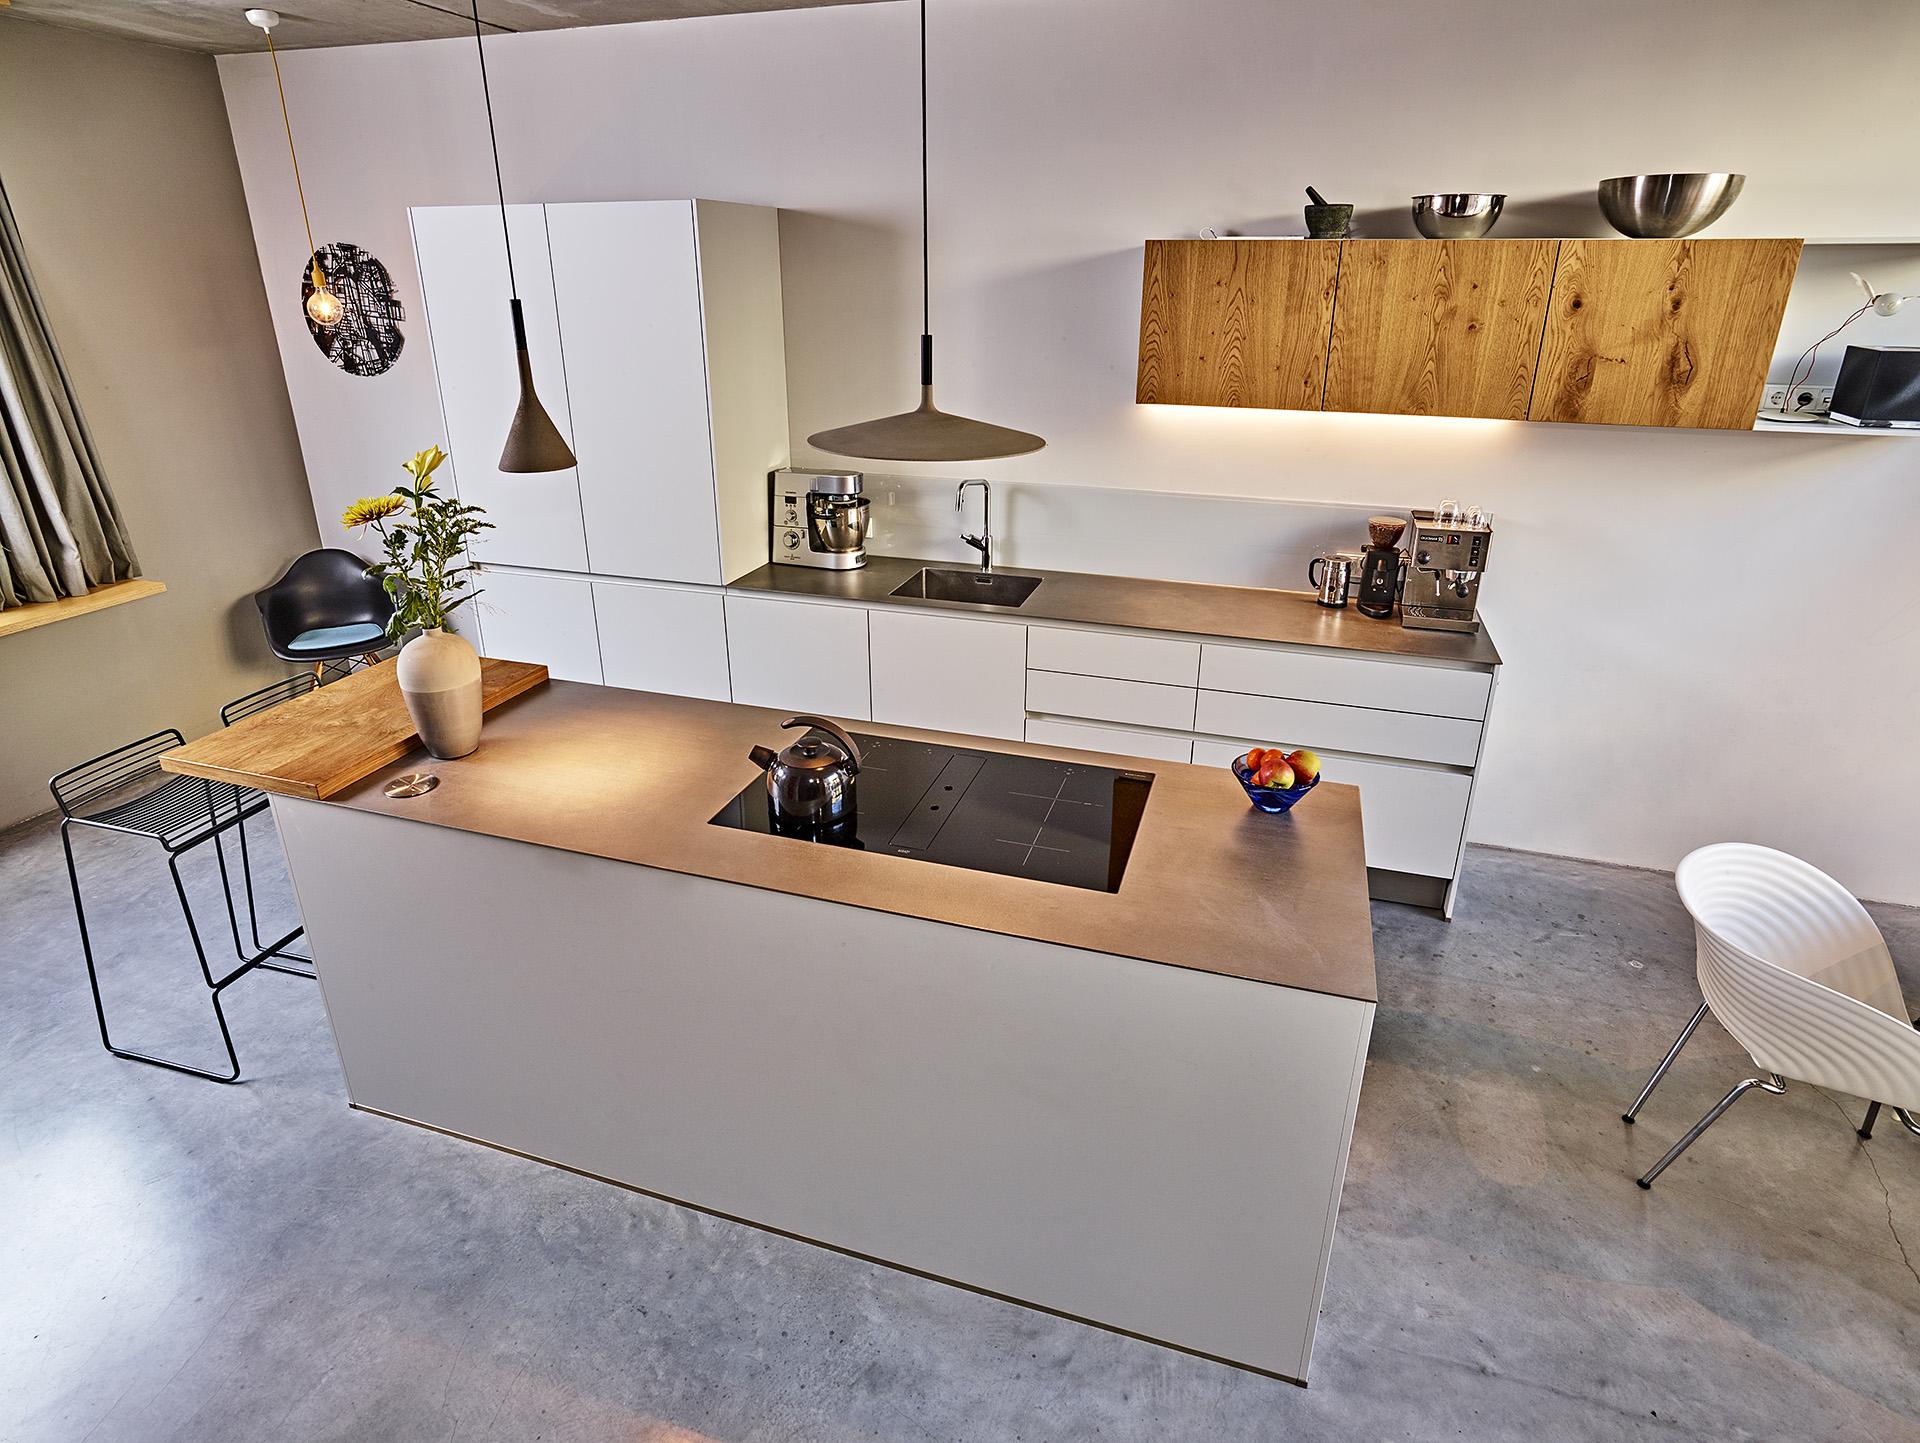 Une cuisine fonctionnelle et bien organisée